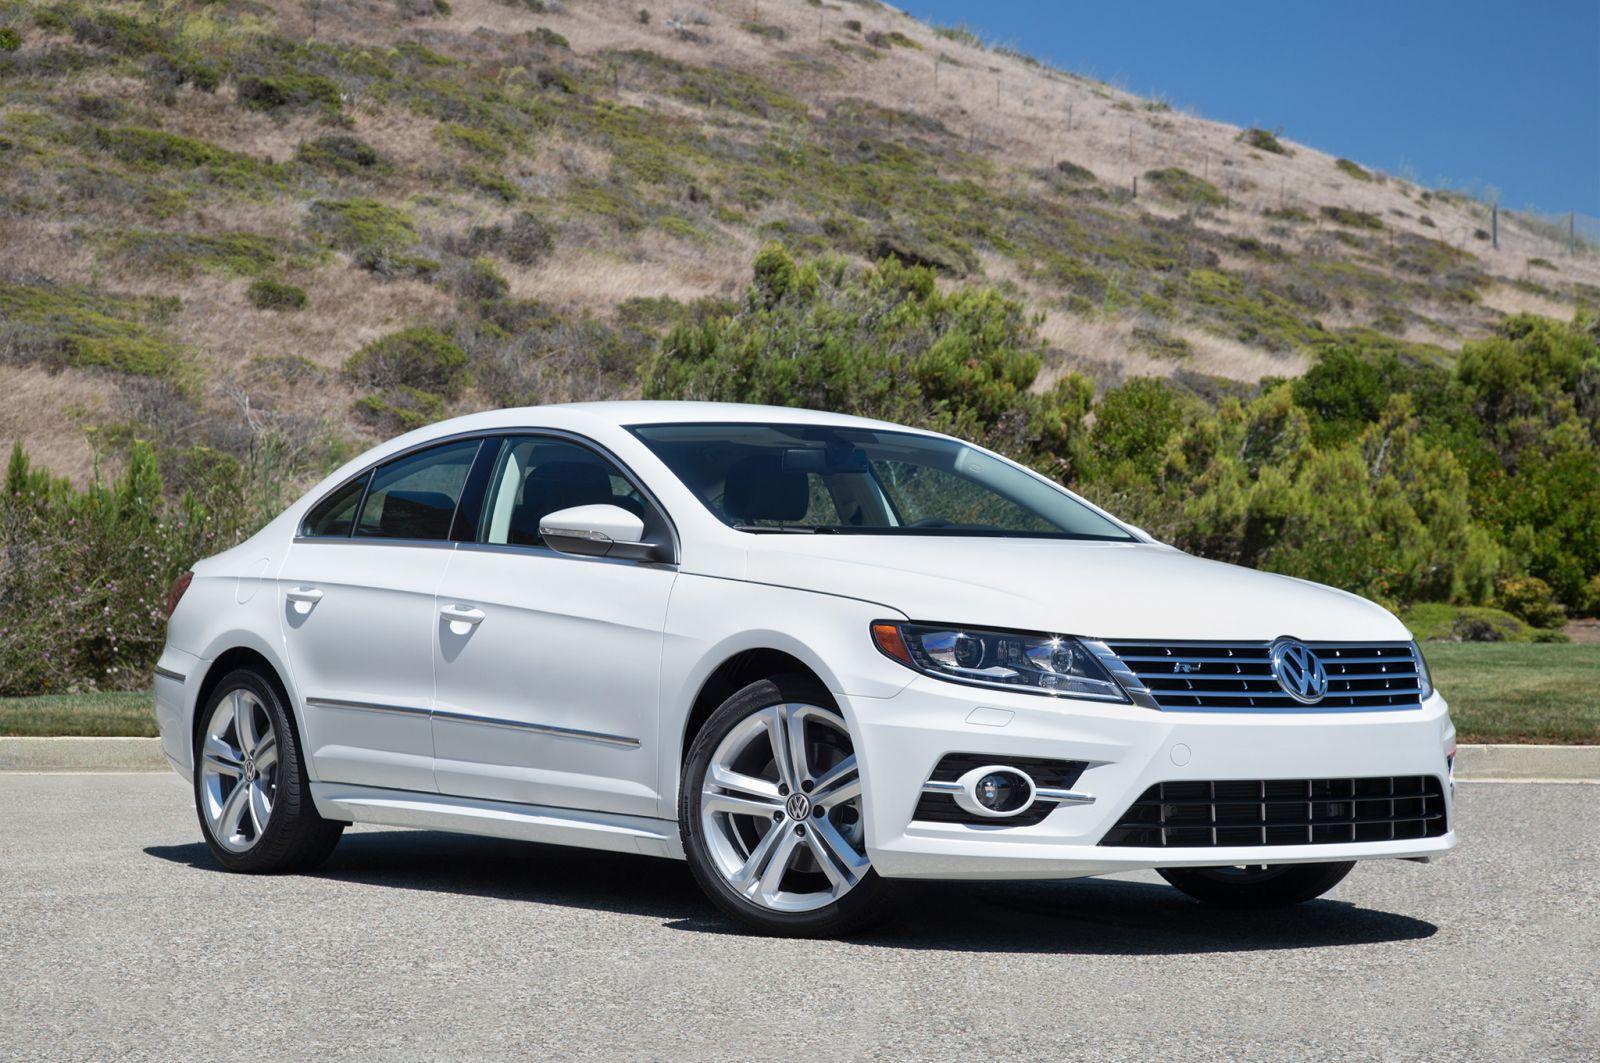 Volkswagen Cc Fim Da Produ 231 227 O Do Carro Carro Bonito